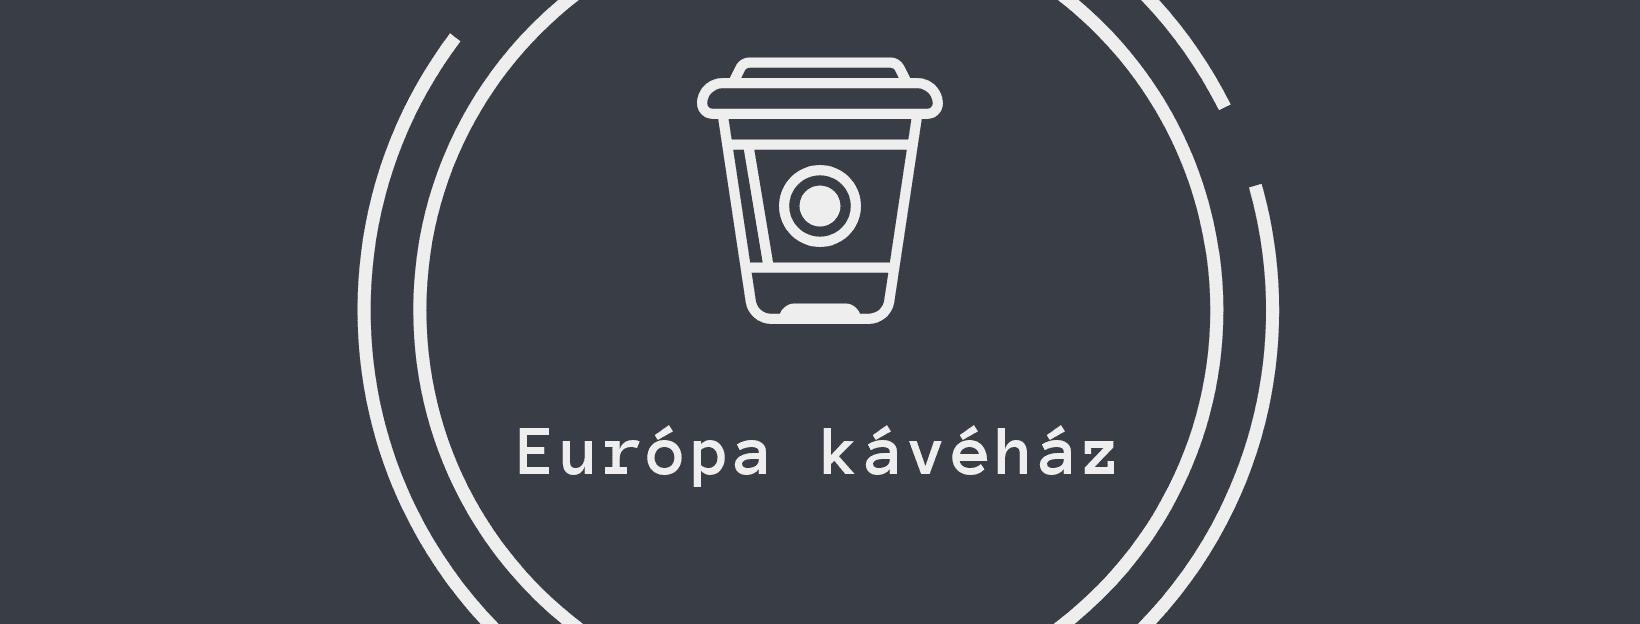 Europa kávéház